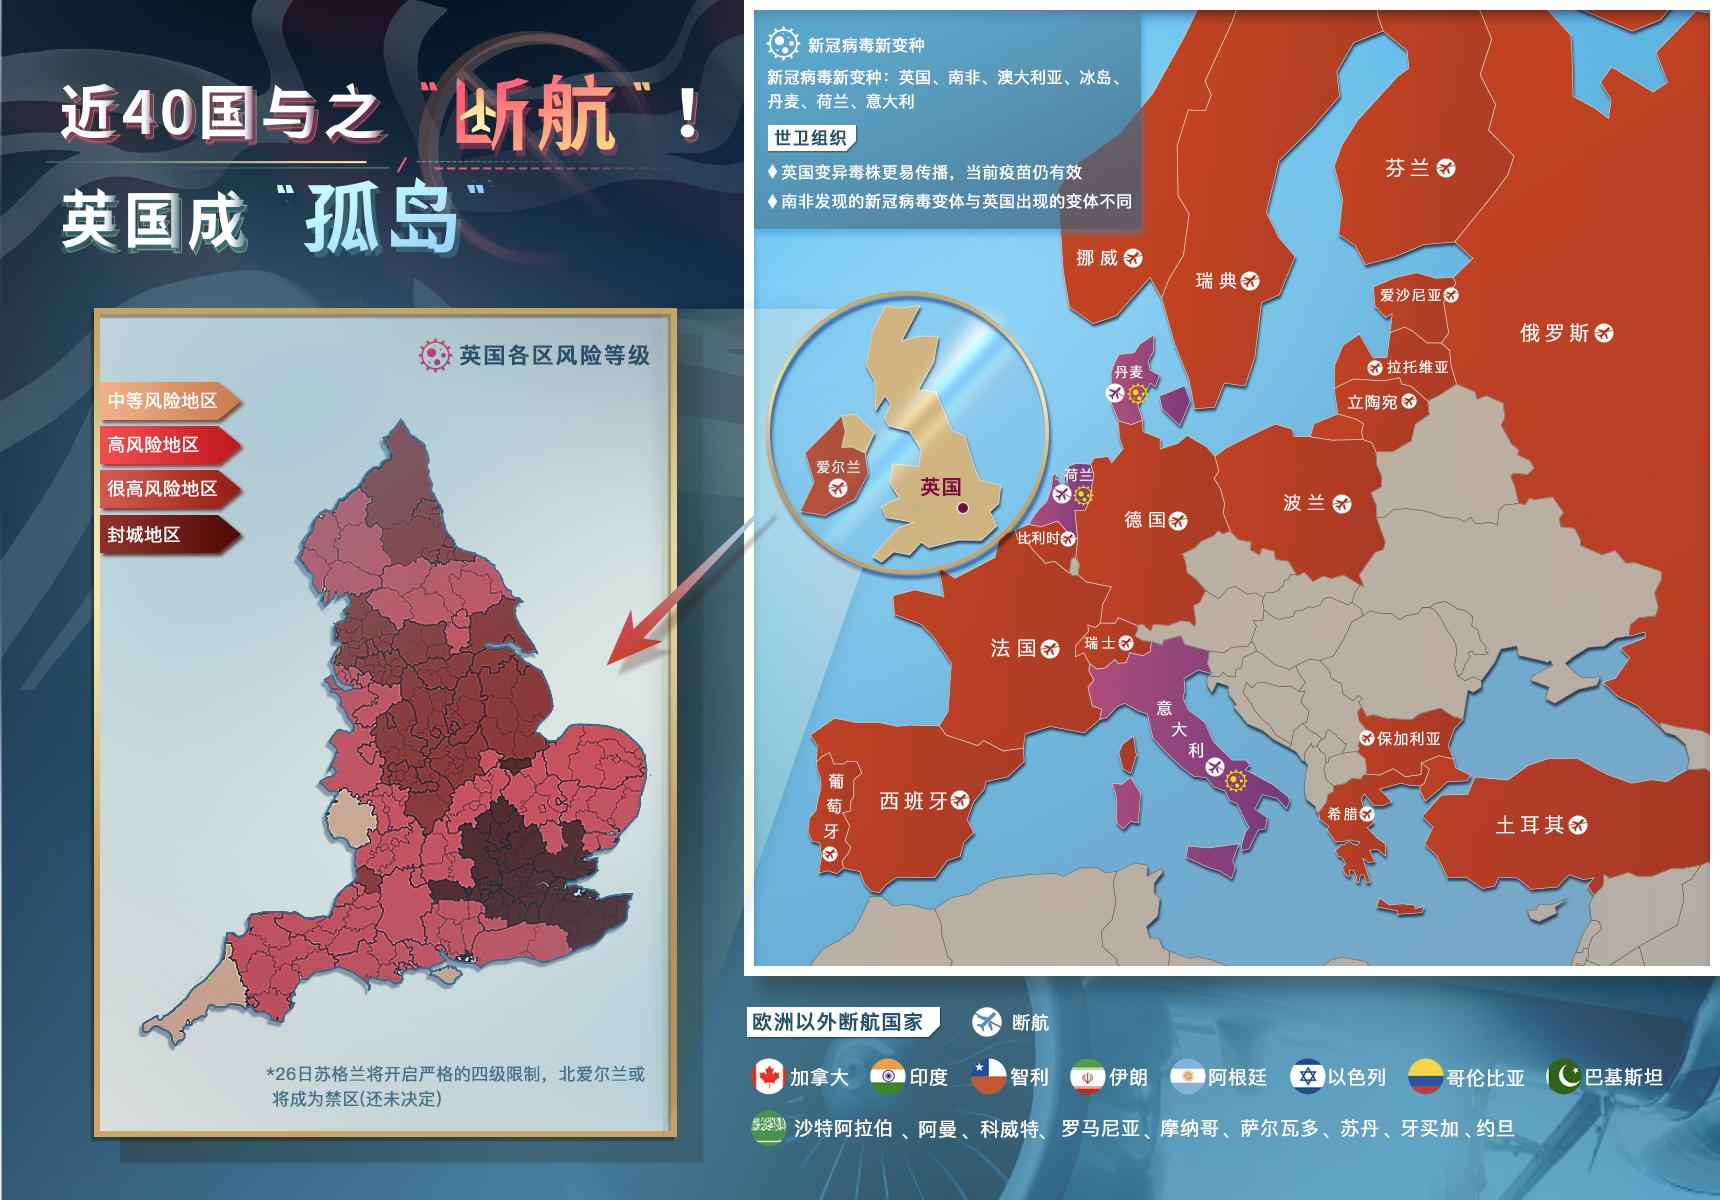 """40国之后,刚刚中国也宣布与之""""断航"""",英国一下成了世界孤岛 原创金十数据2020-12-24 16:31:57 40国之后,刚刚中国也宣布与之""""断航"""",英国一下成了世界孤岛 12月19日,英国首相约"""